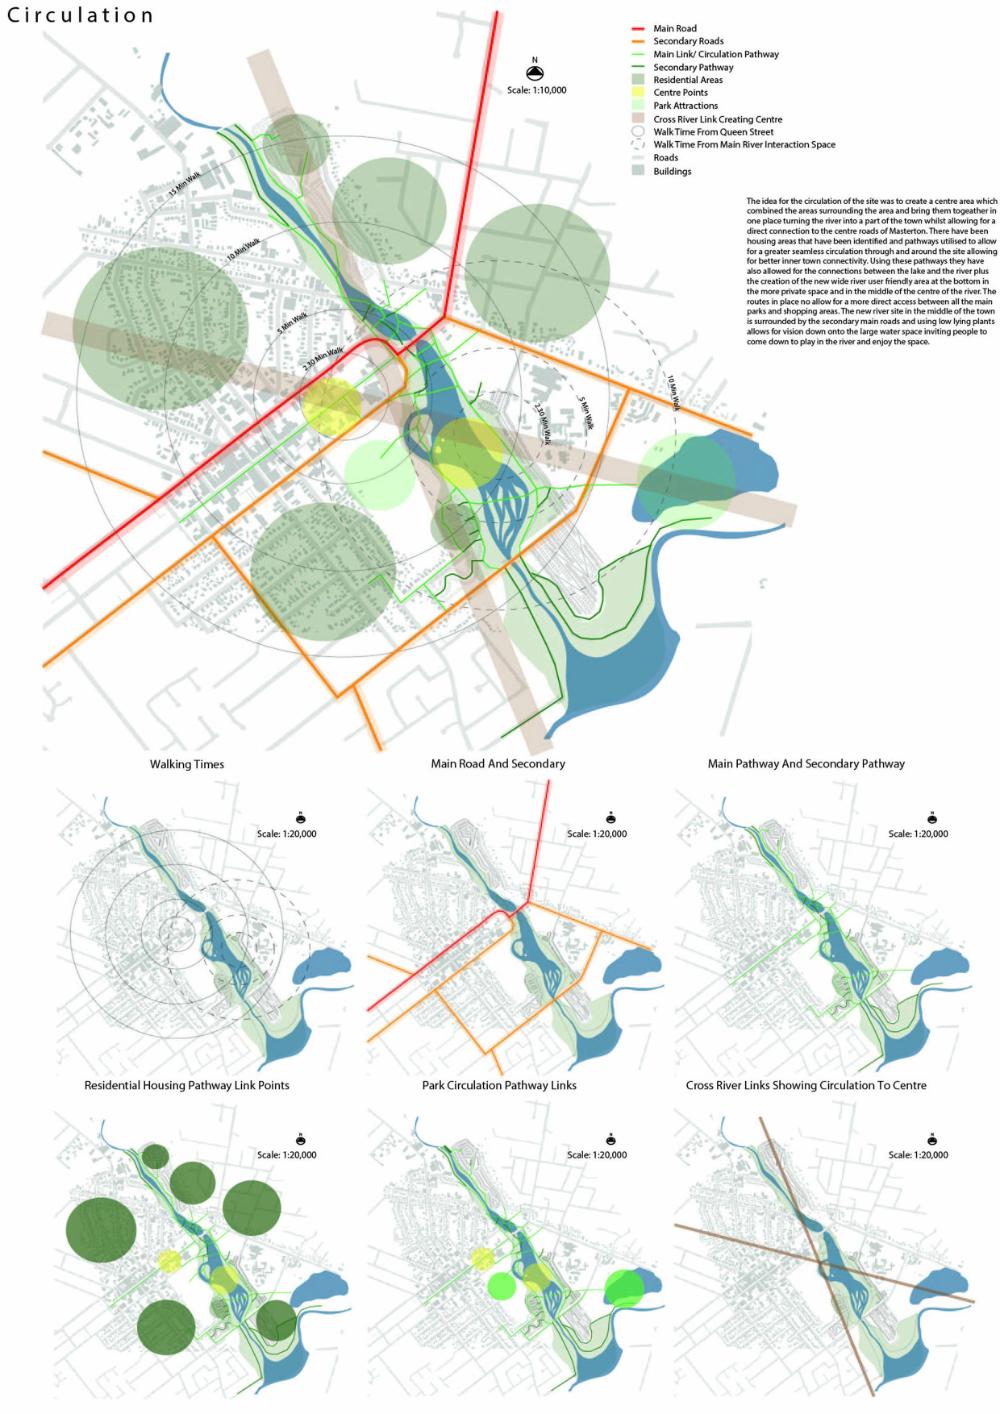 도시설계 사이트 분석 - Google 검색 #urbaneanalyse